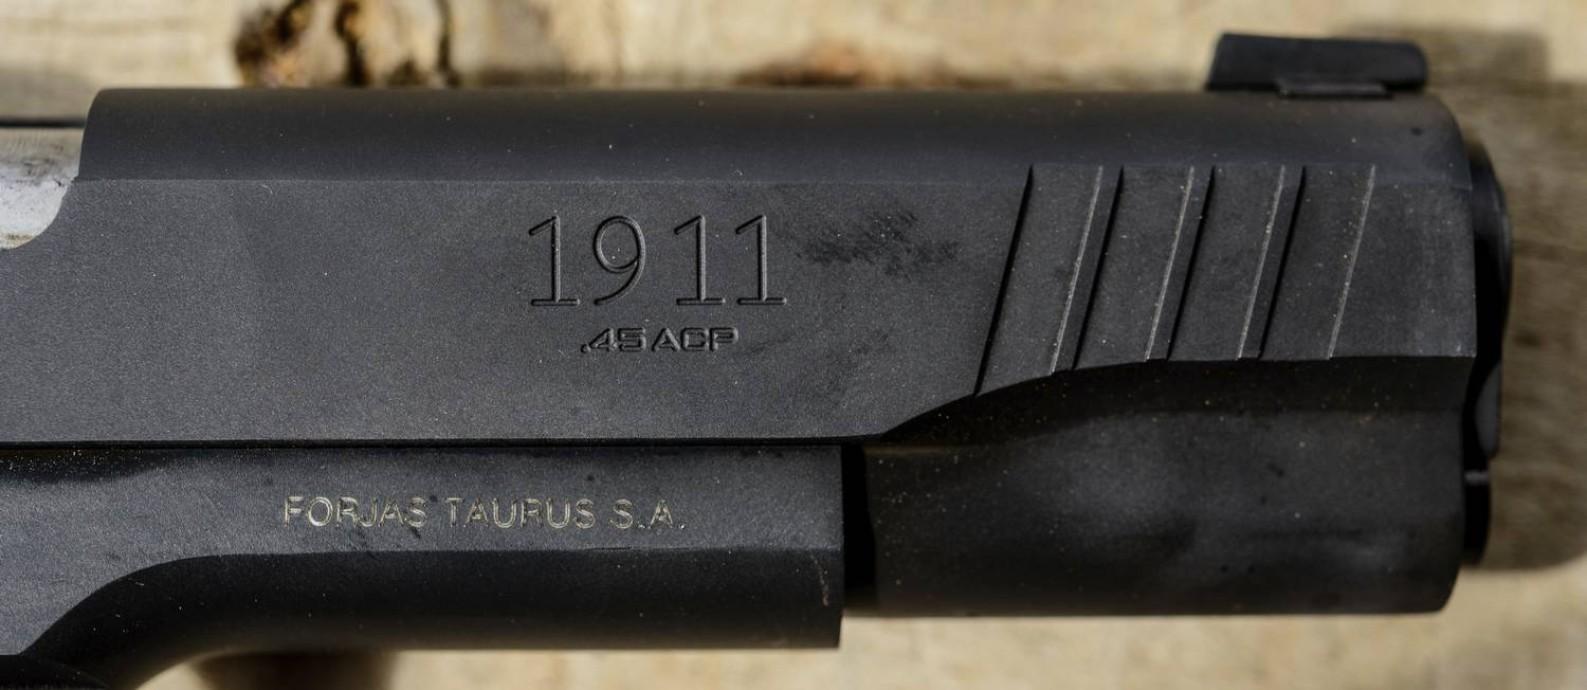 Pistola Taurus 1911, um dos modelos produzidos pela empresa brasileira, que exporta mais de 80% do que fabrica. Foto: Igor Alecsander / Getty Images